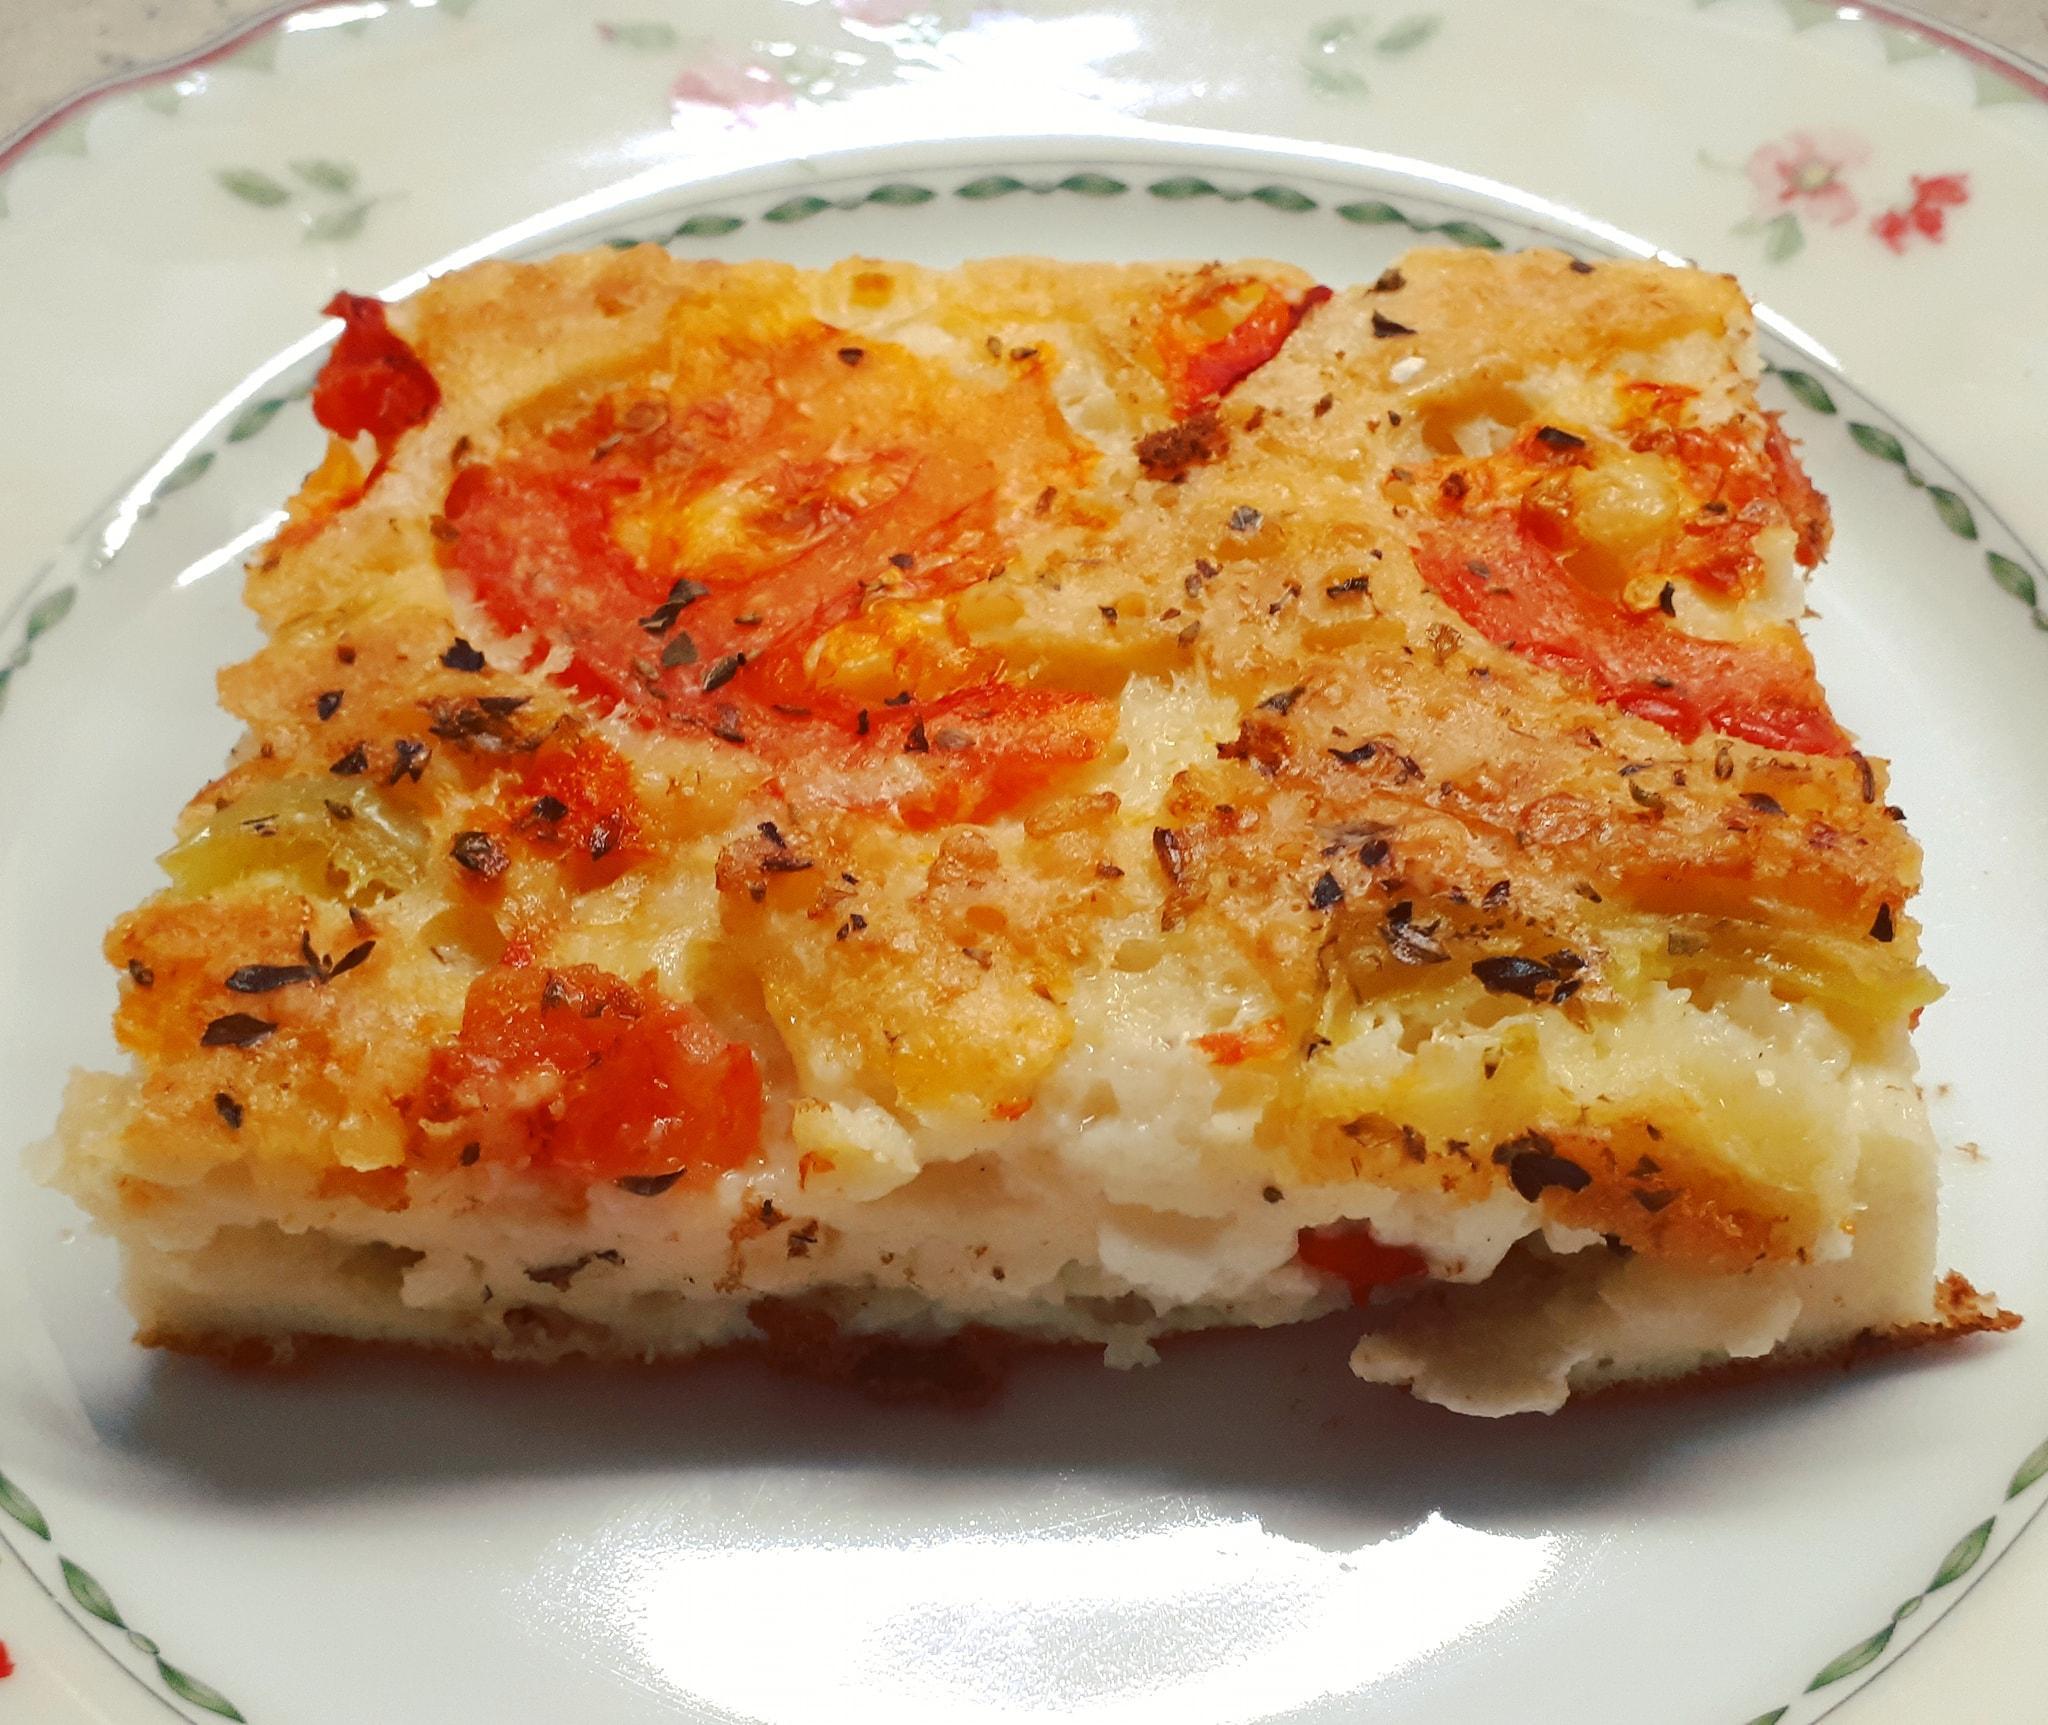 Καλοκαιρινή τυρόπιτα χωρίς φύλλο με ντομάτα και πιπεριες